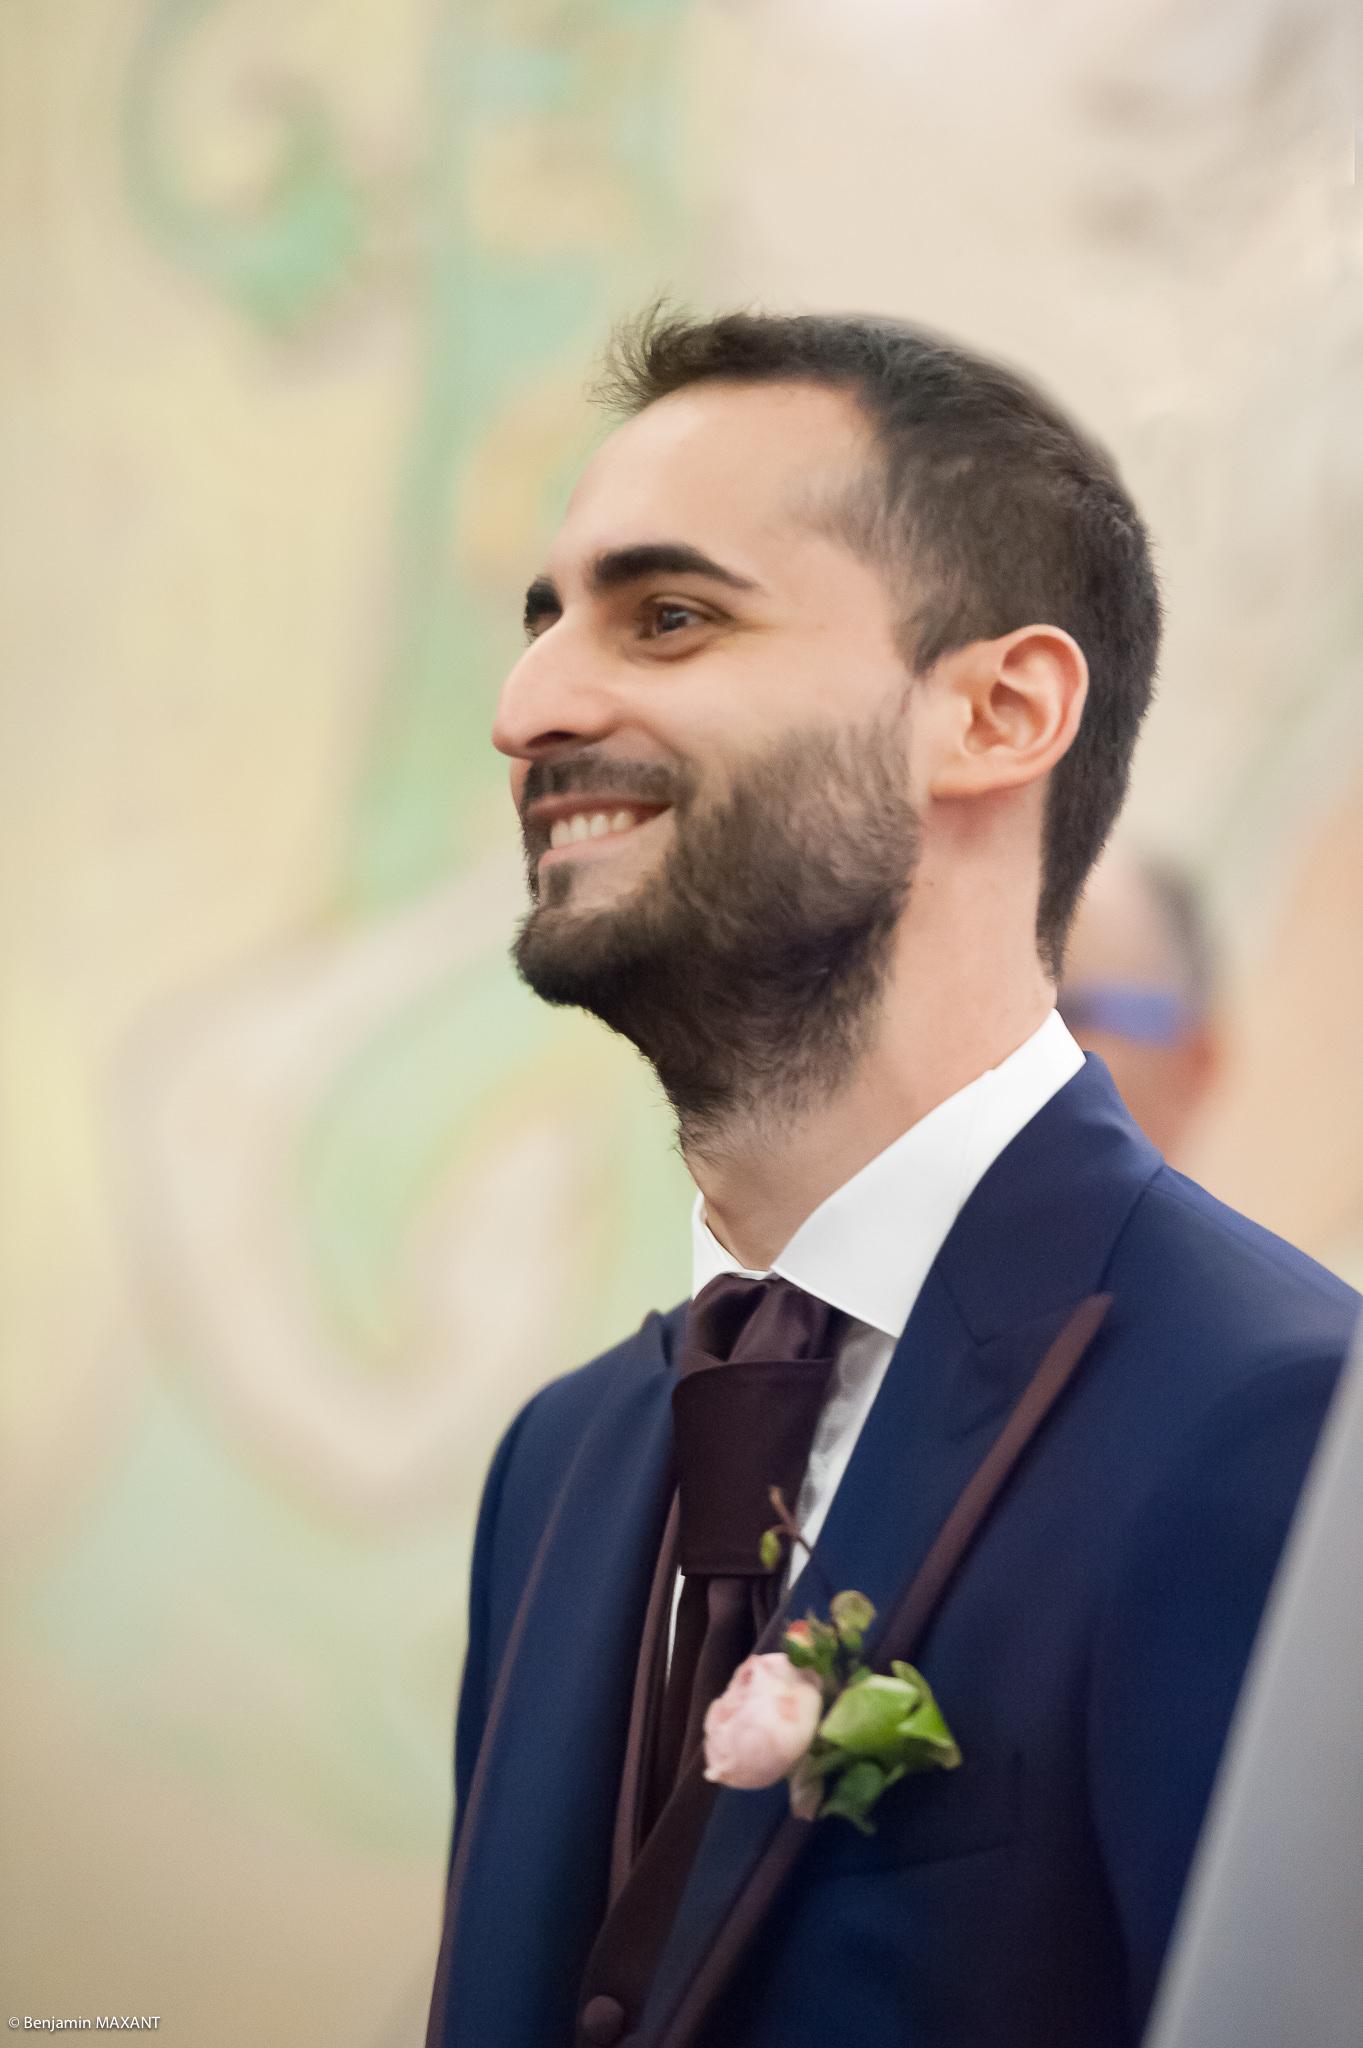 Mariage Valentine et Nicholas - cérémonie civile à la mairie de Menton